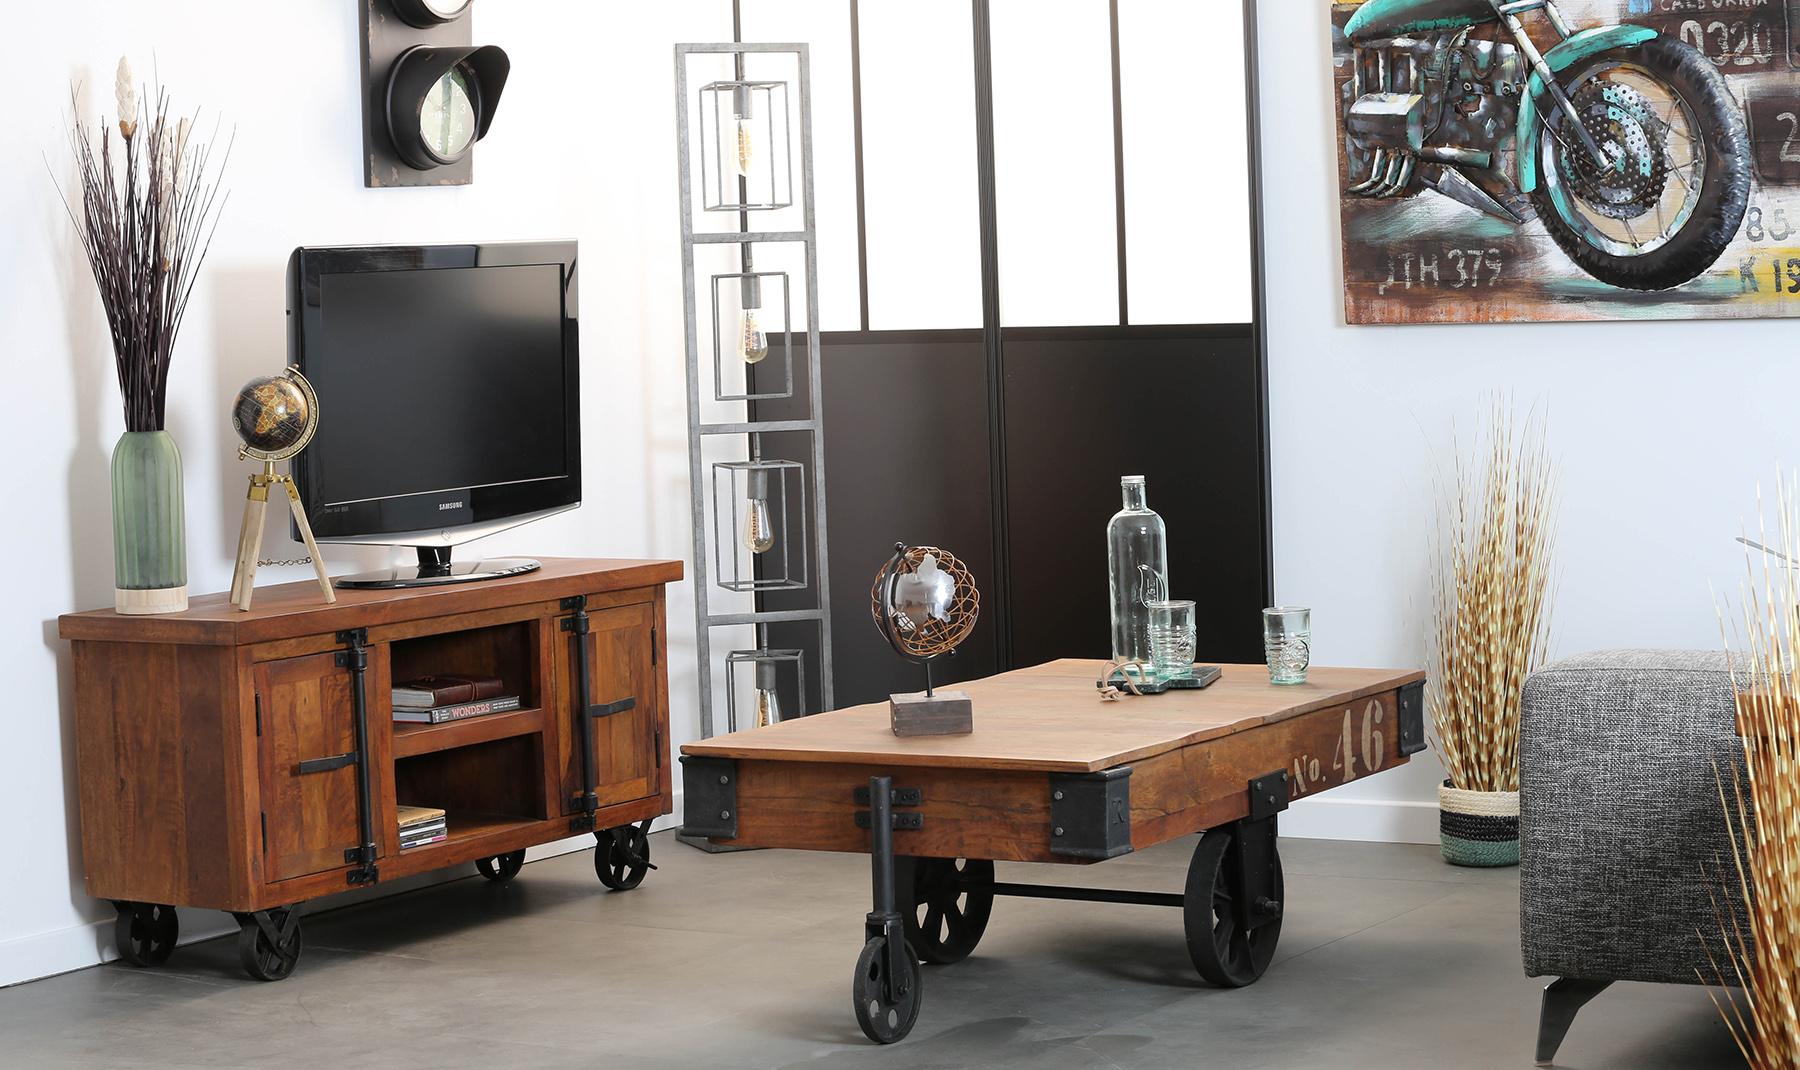 meuble tv industriel vintage bois recycle roues leeds